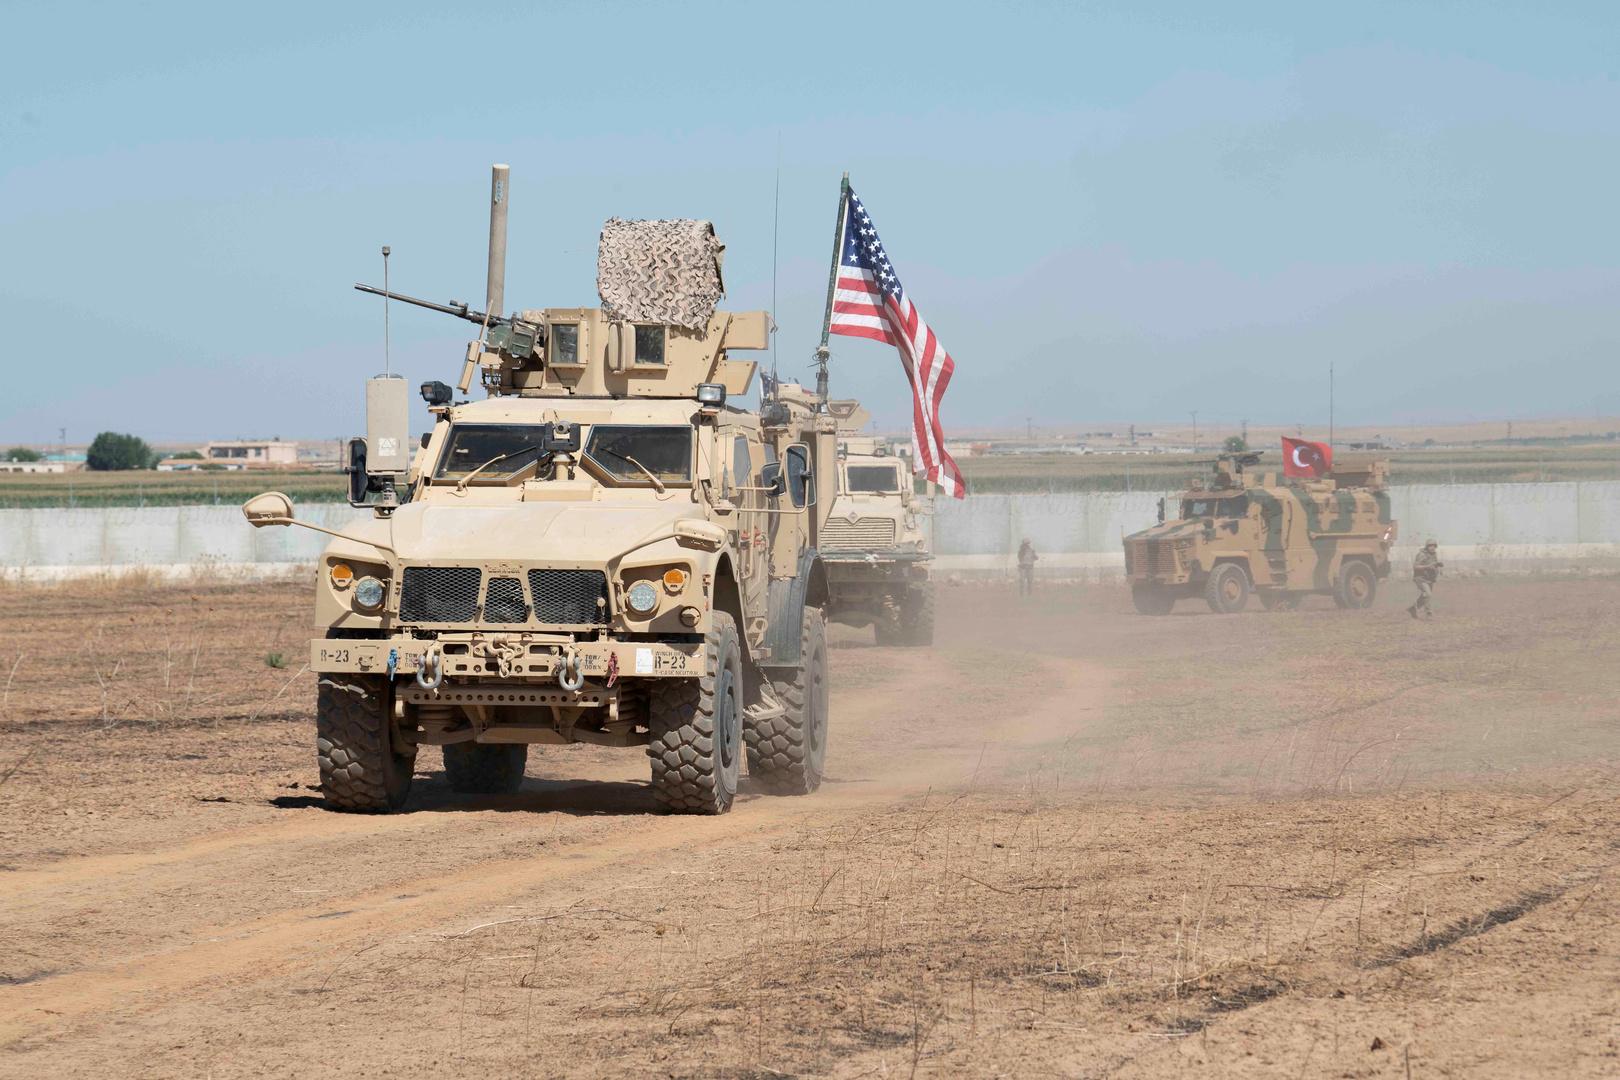 البنتاغون: قواتنا ردت على الهجوم الصاروخي الذي استهدفها في سوريا